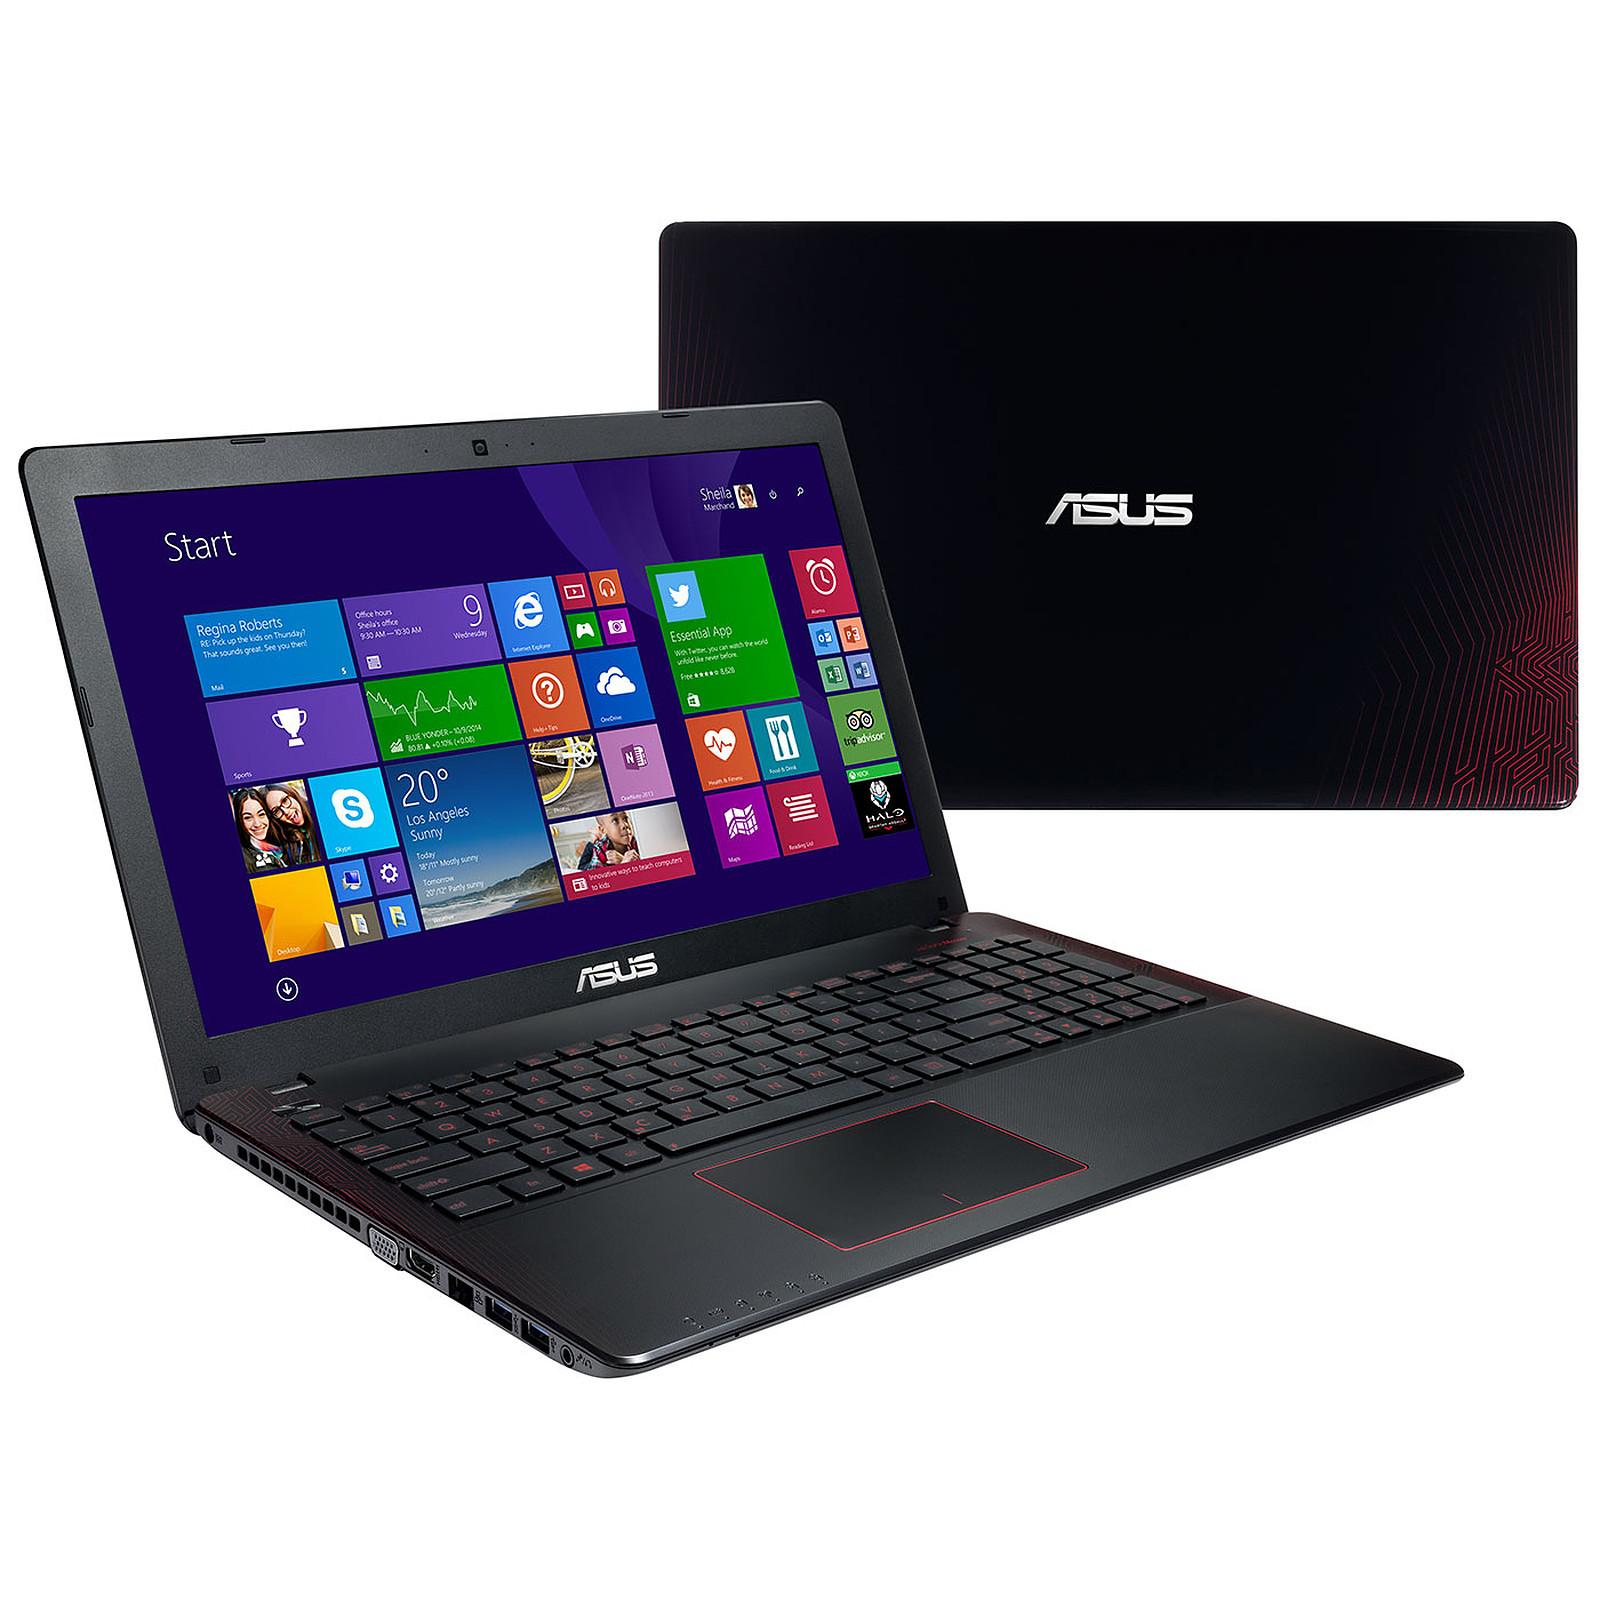 ASUS R510JX-DM225T